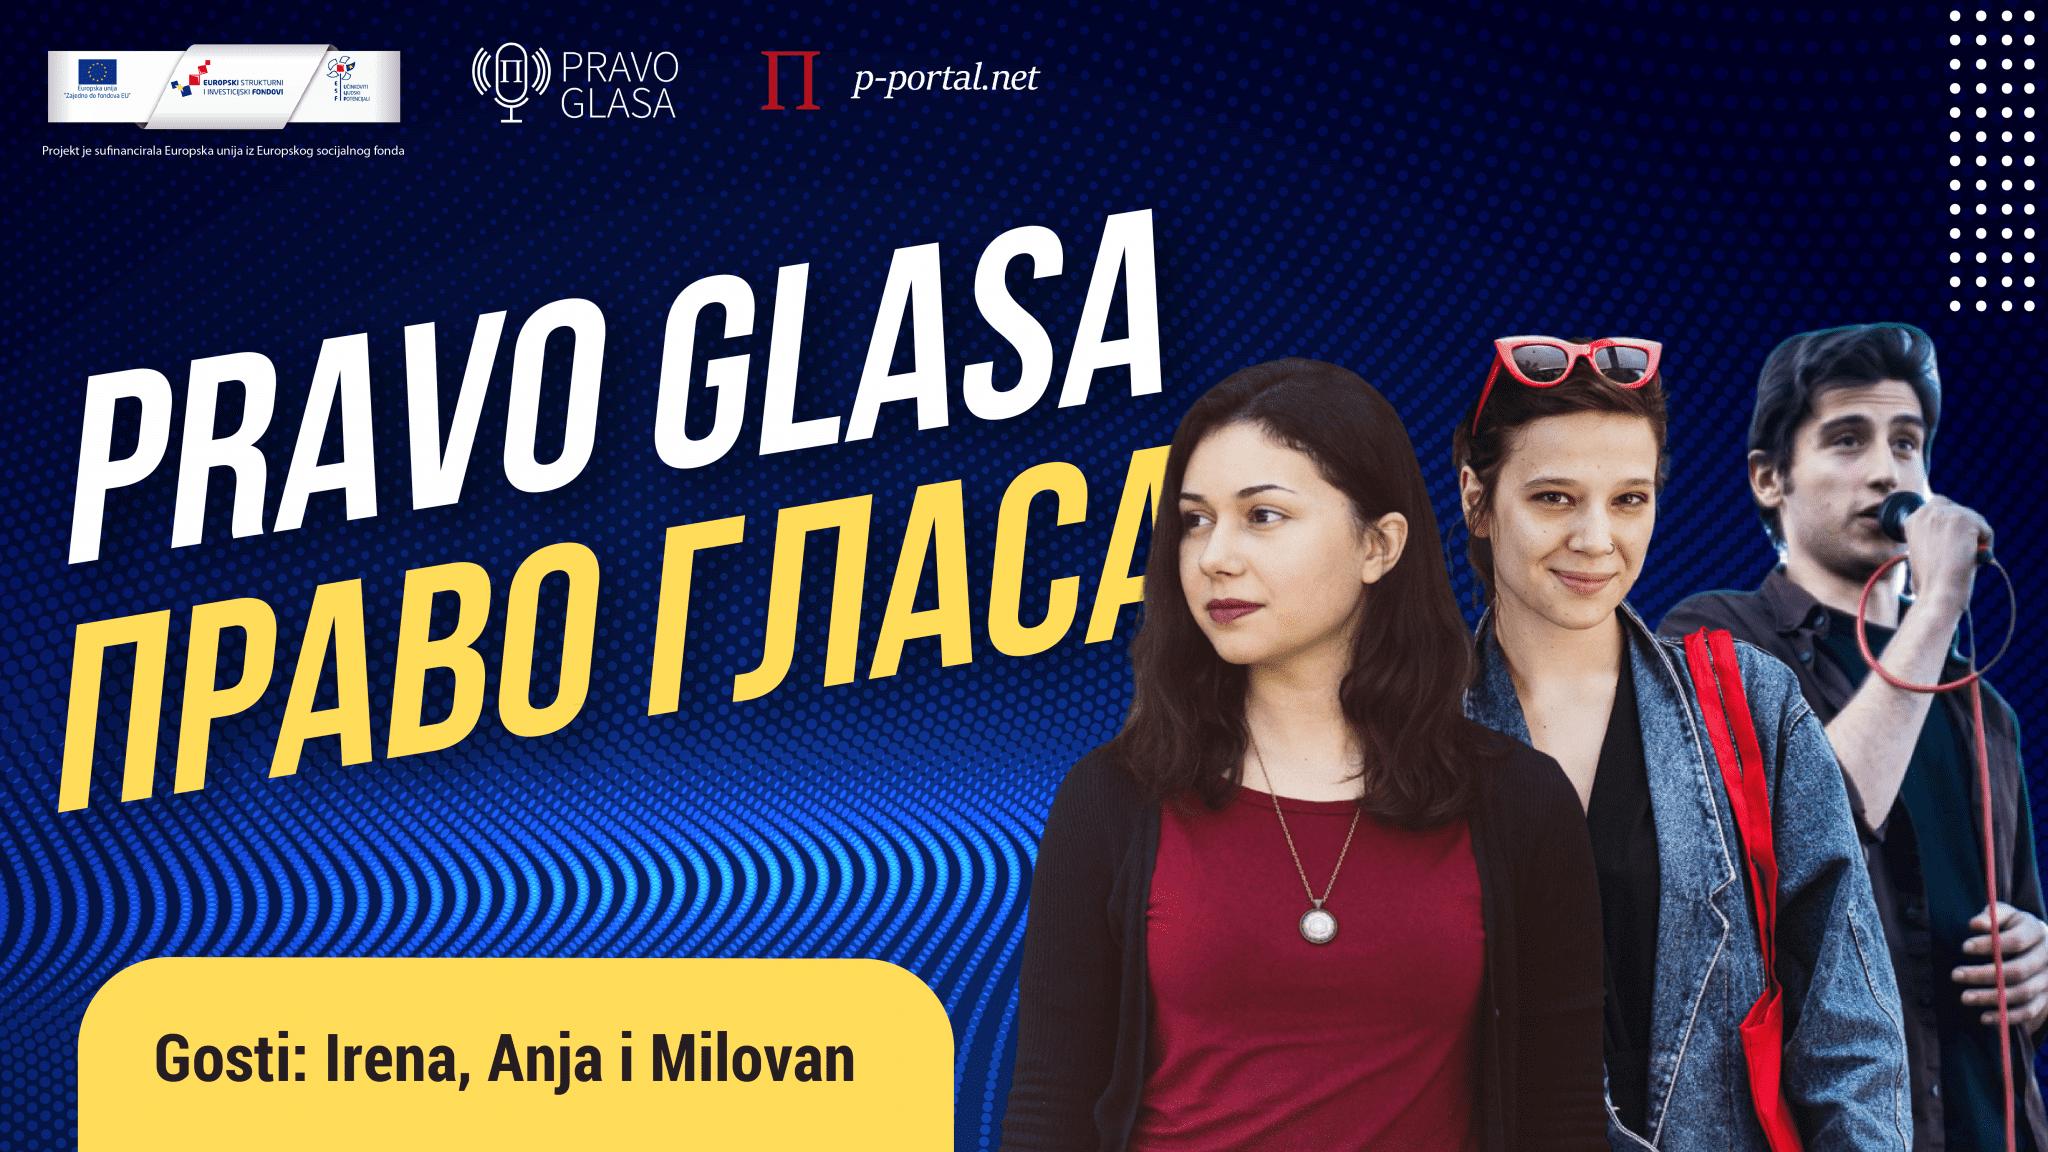 Studenti iz Srbije na razmeni u Hrvatskoj: Slika koju ne vidimo u medijima